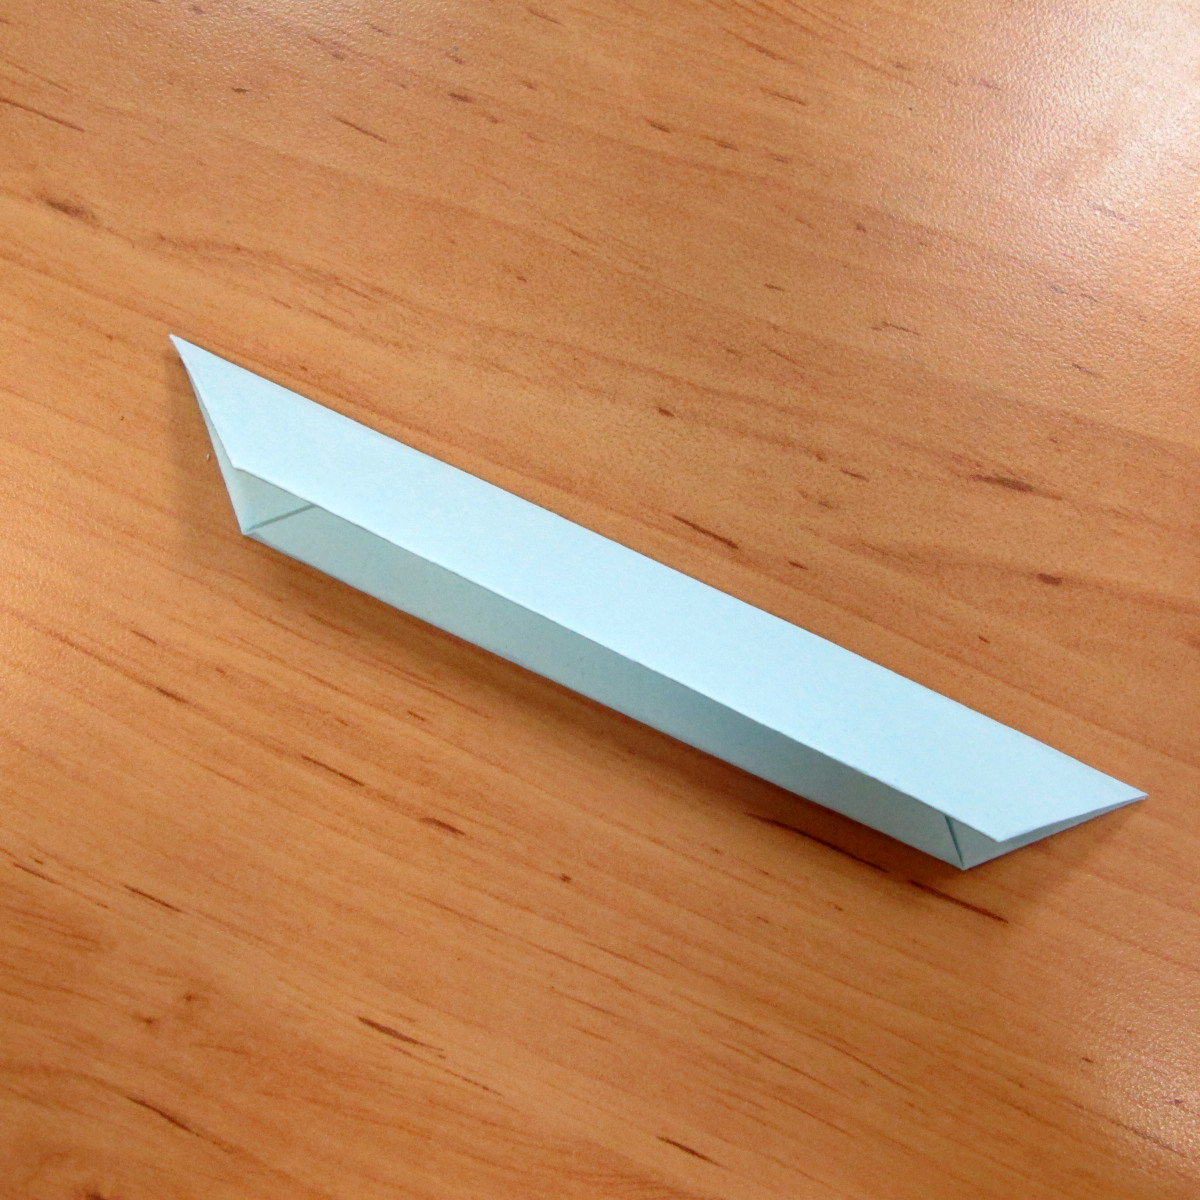 วิธีการพับกระดาษเป็นดอกบัวแบบแยกประกอบส่วน 012